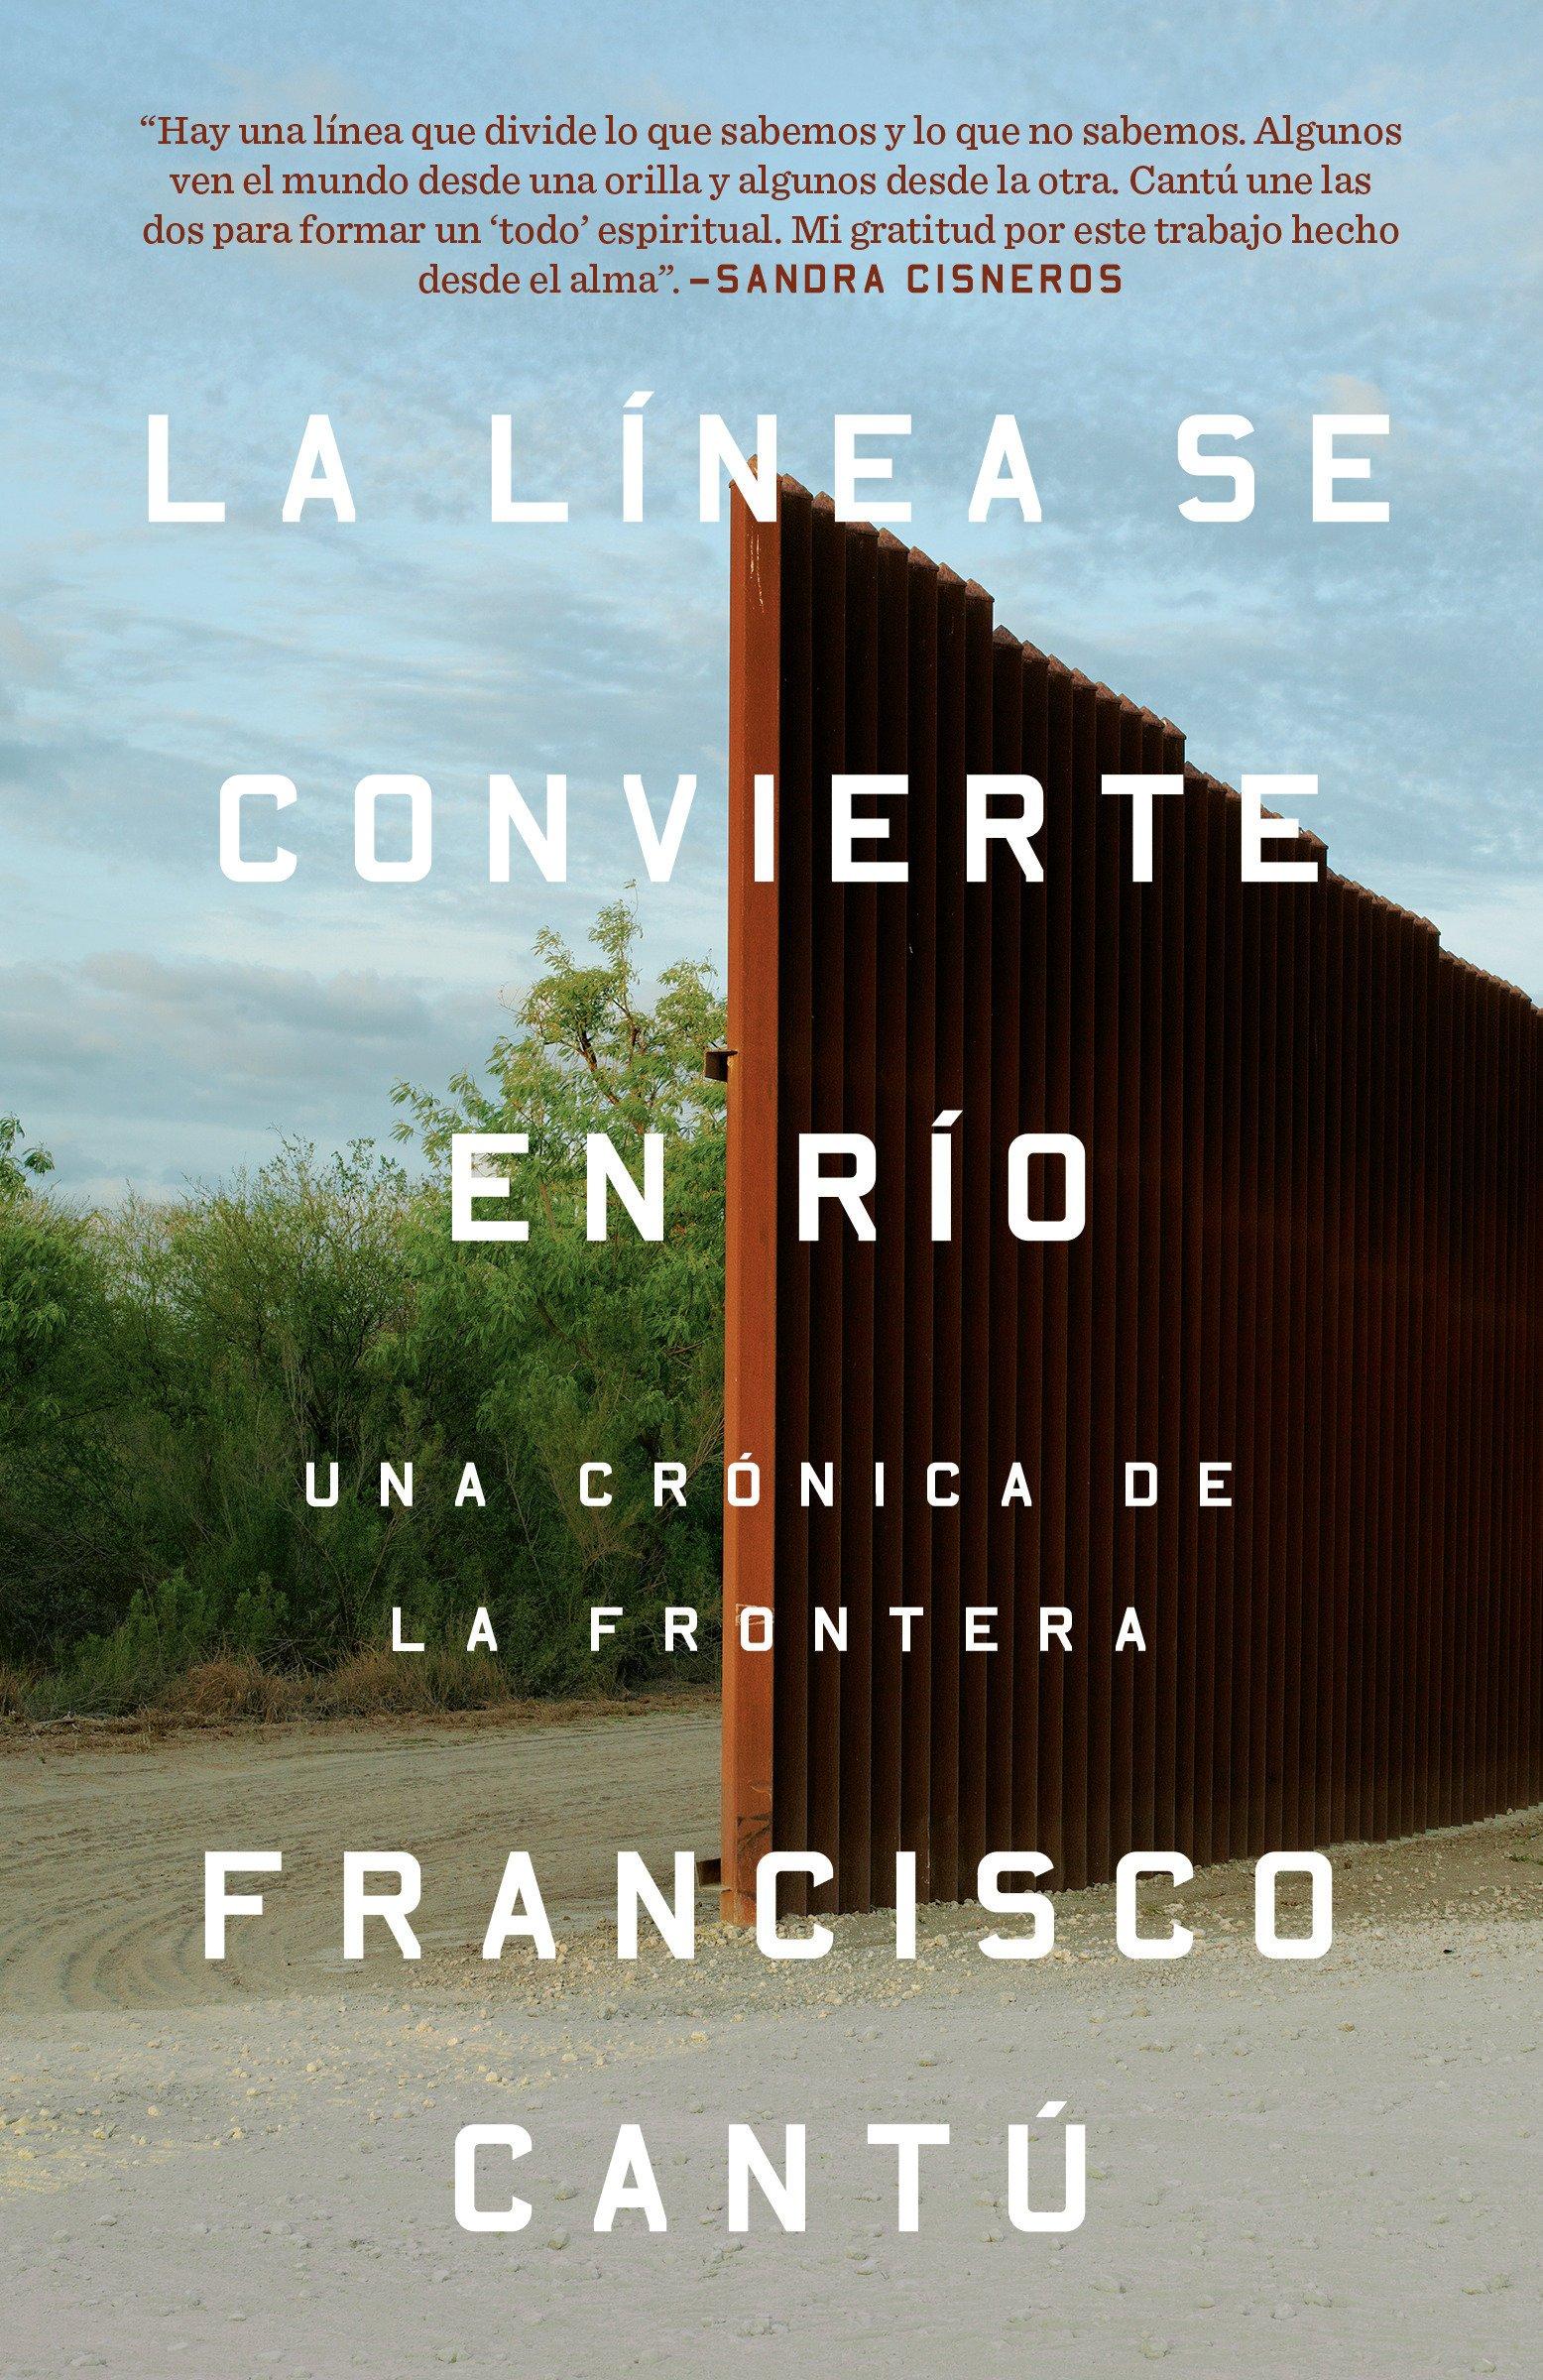 La Línea Se Convierte En Río: Una Crónica de la Frontera Tapa blanda – 10 abr 2018 Francisco Cantu RANDOM HOUSE ESPANOL 0525564020 Autobiographies